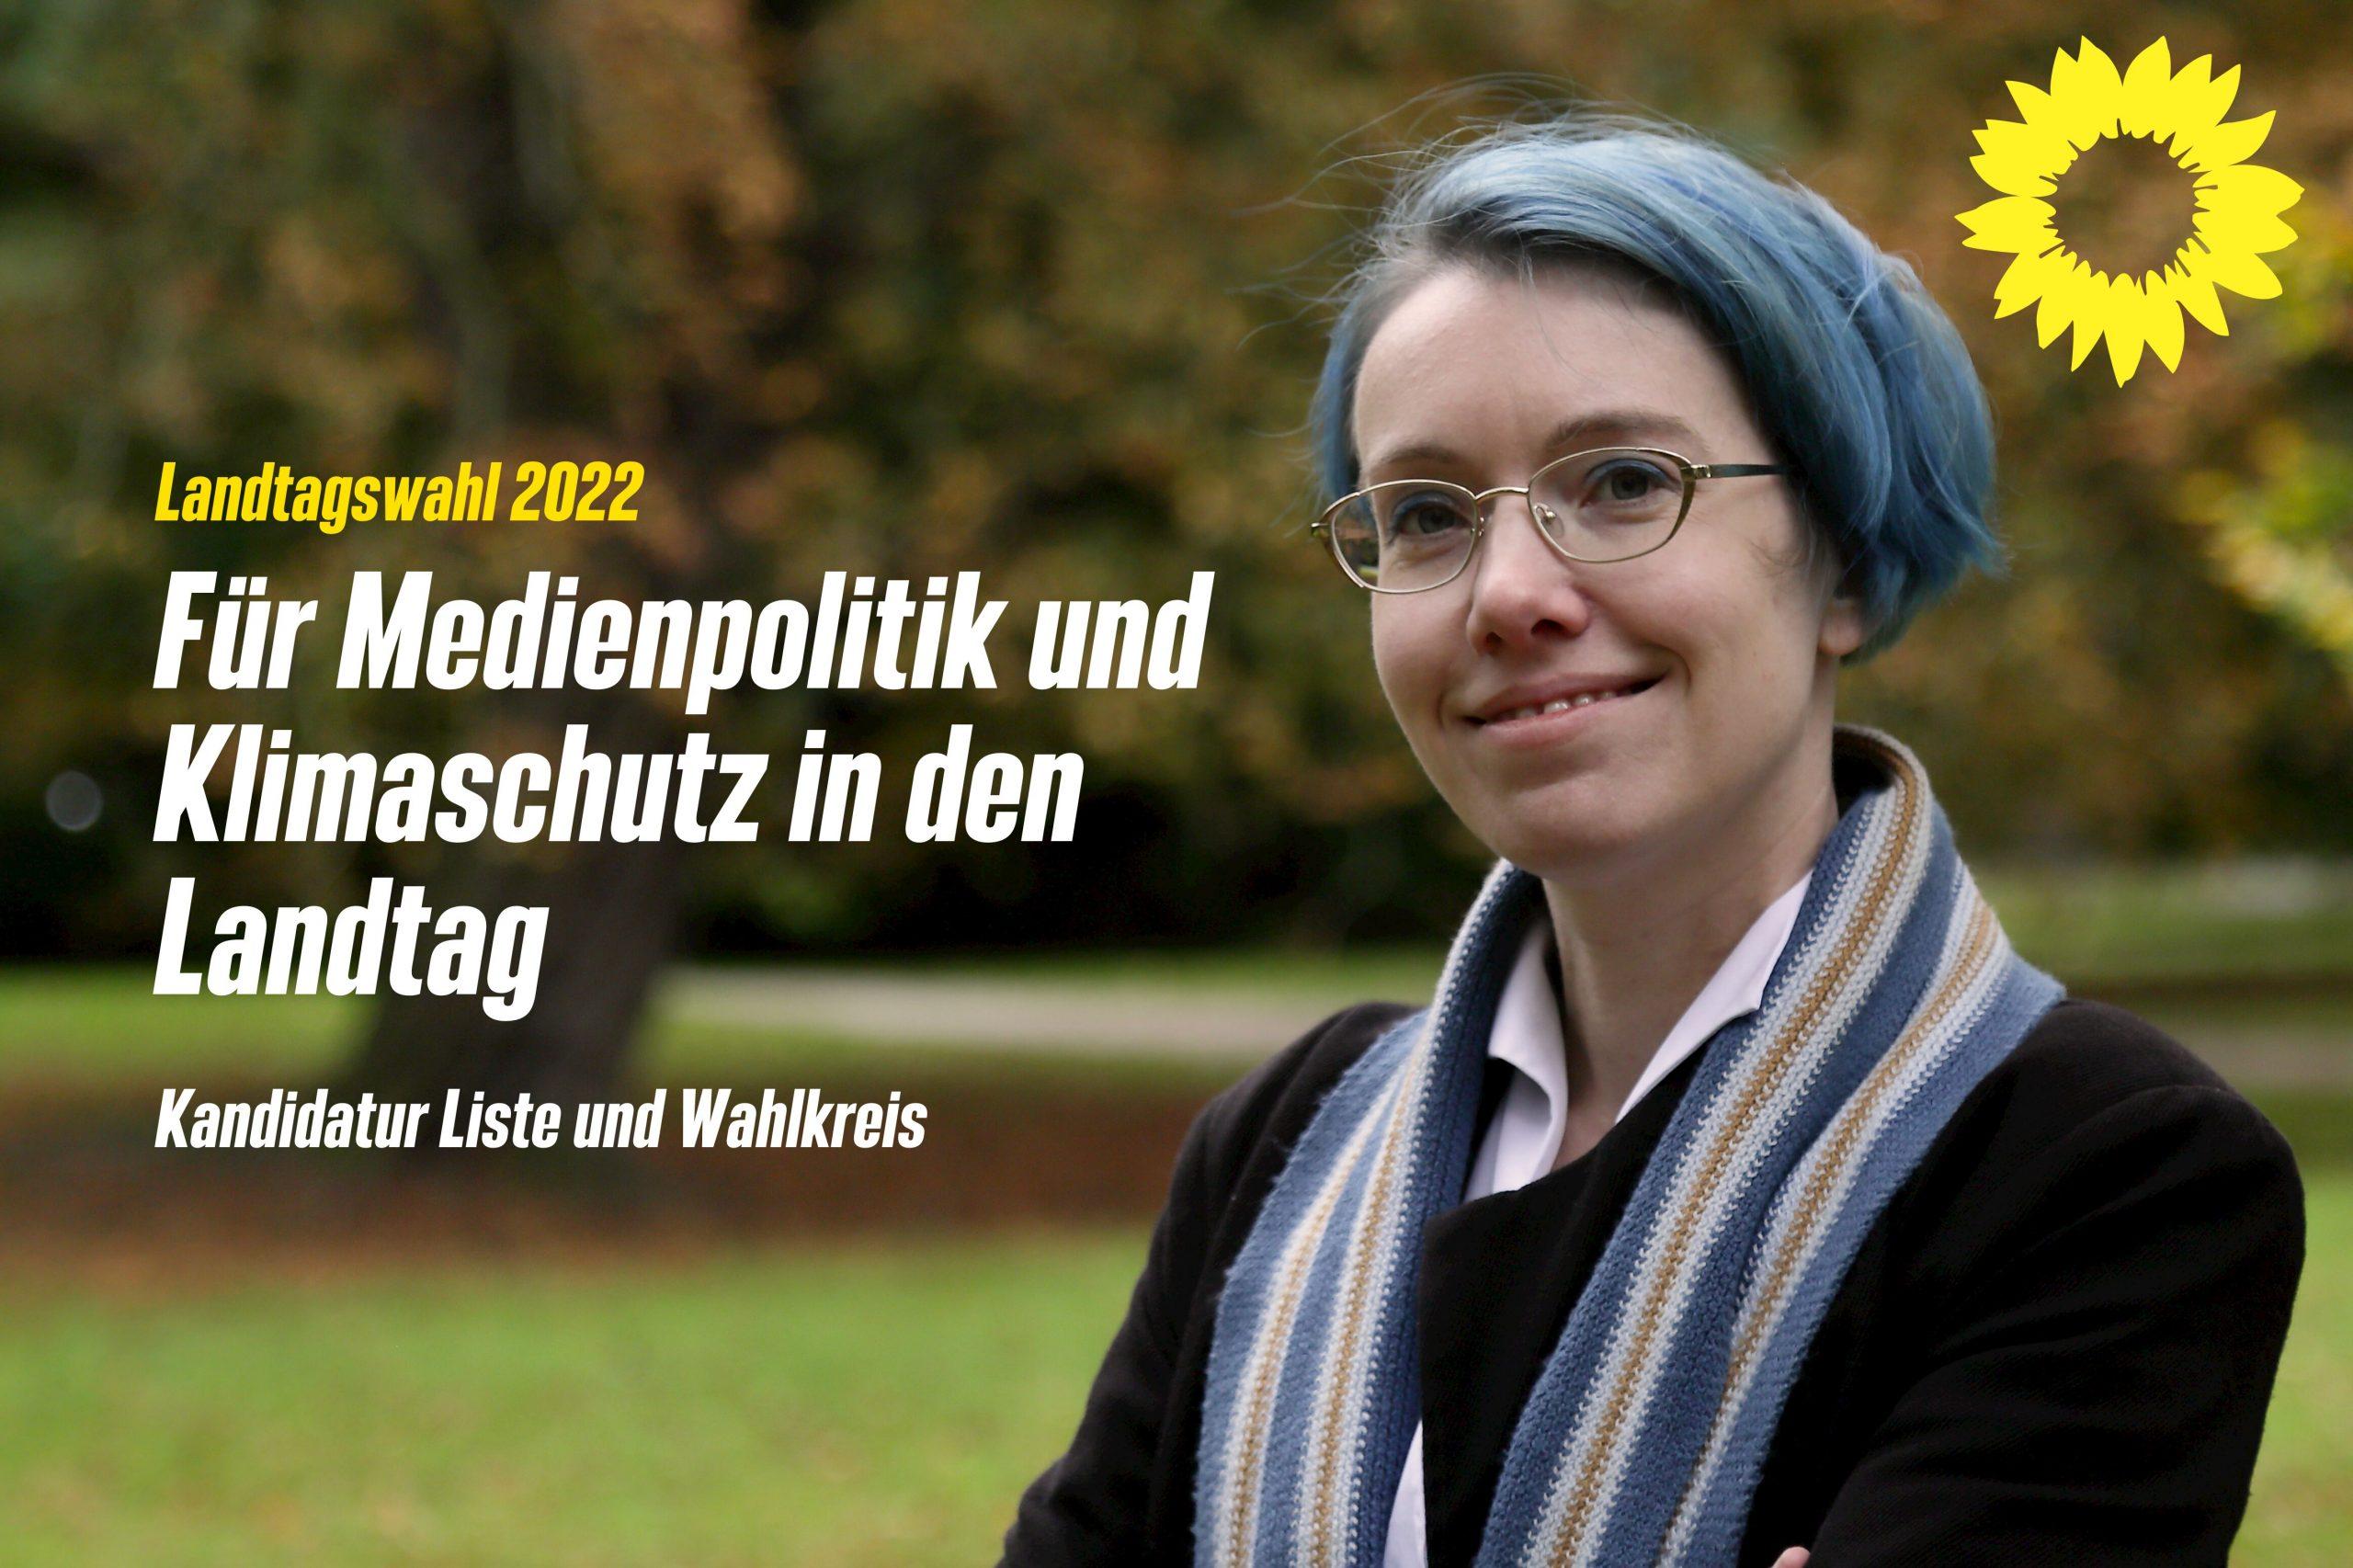 Landtagswahl SH 2022 – Ich kandidiere um einen Platz auf der Liste und für einen Wahlkreis